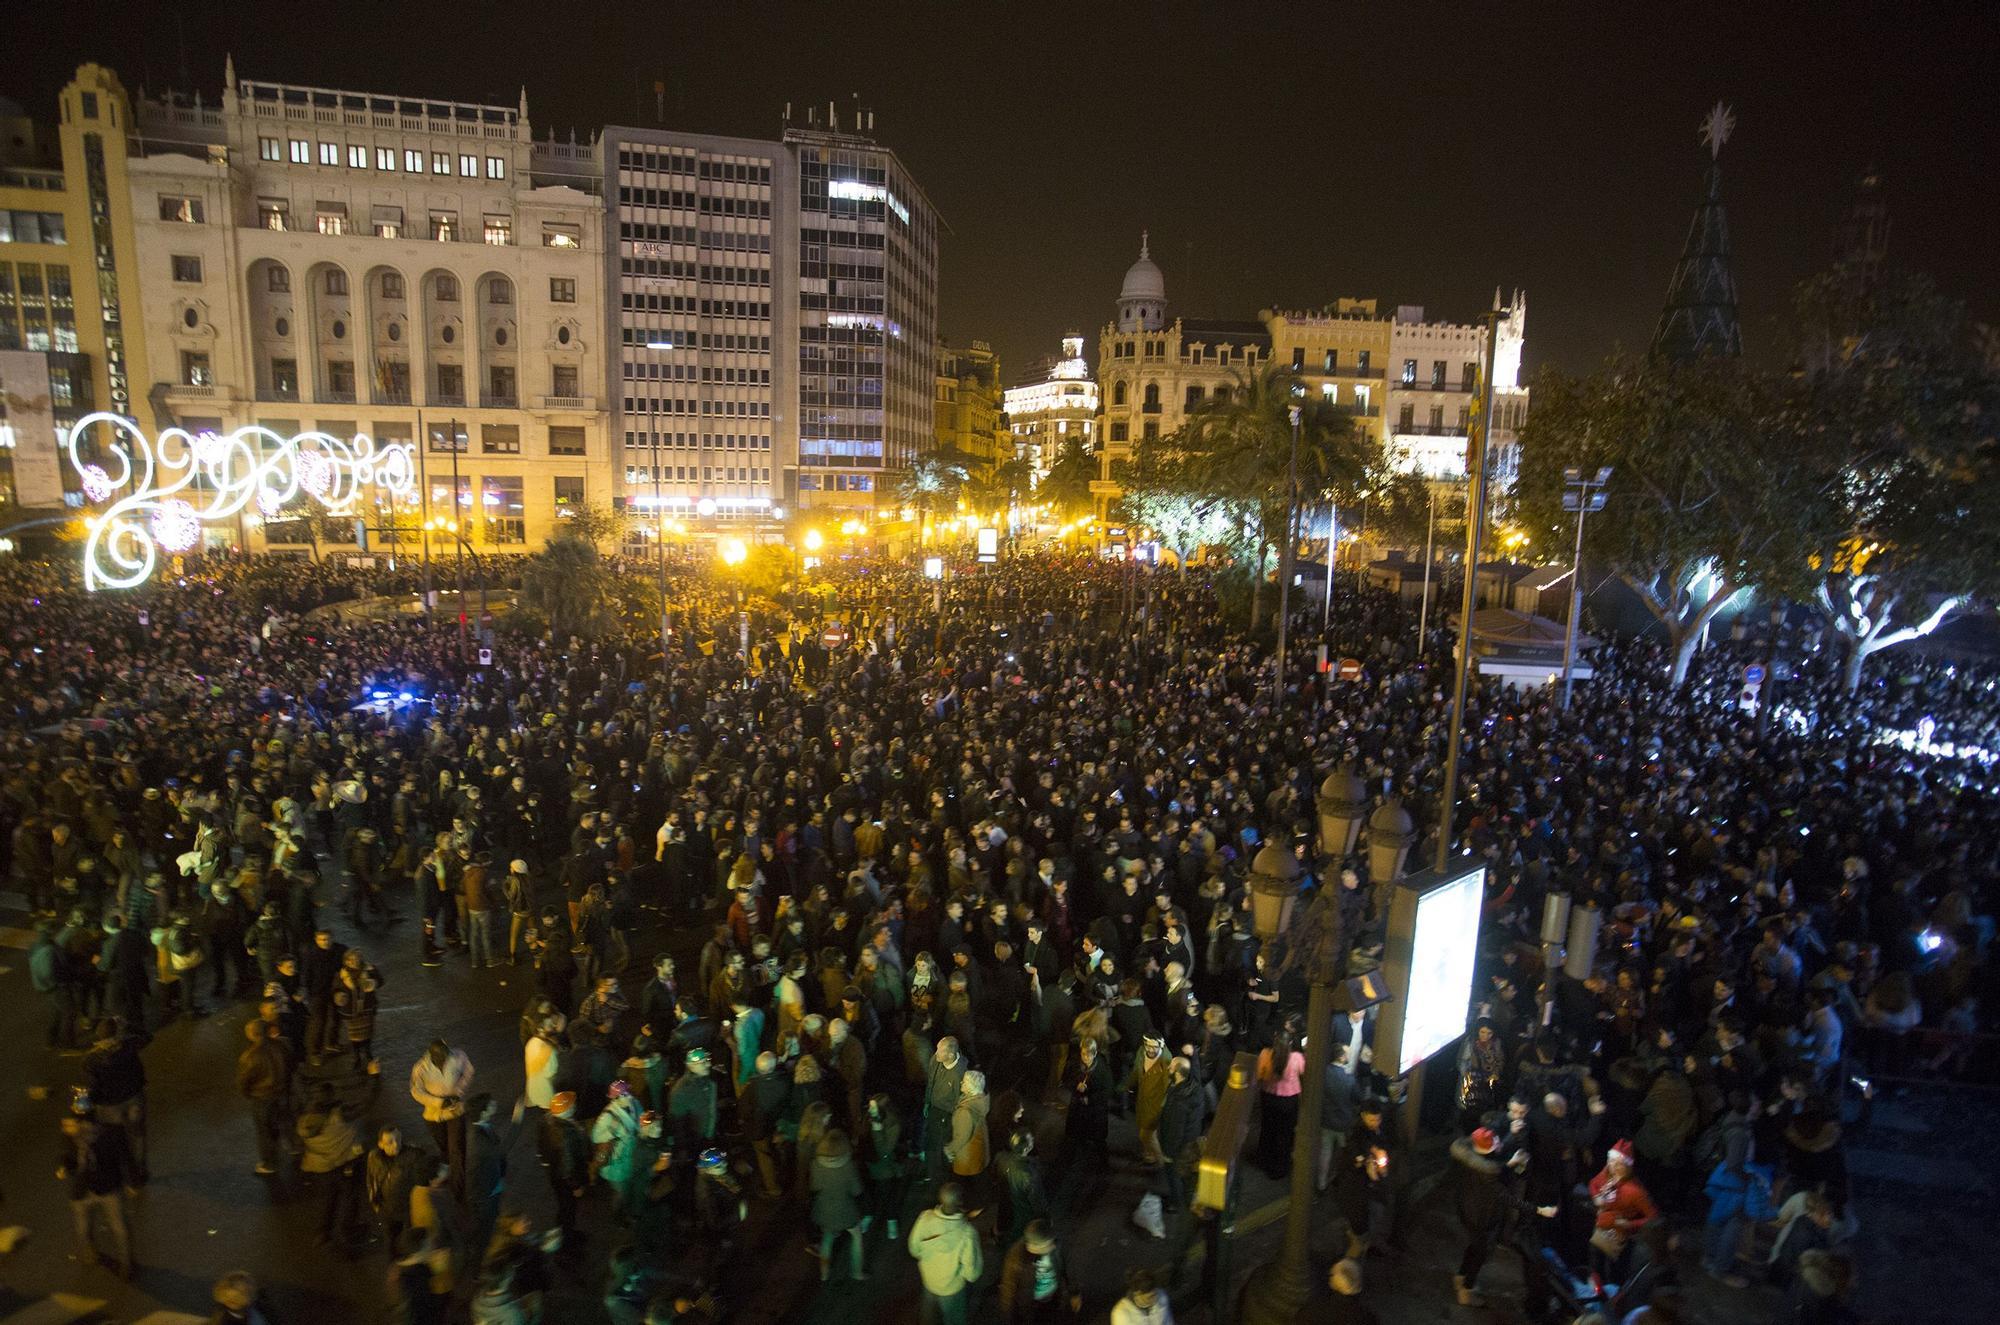 Así vivimos las últimas nocheviejas en València.